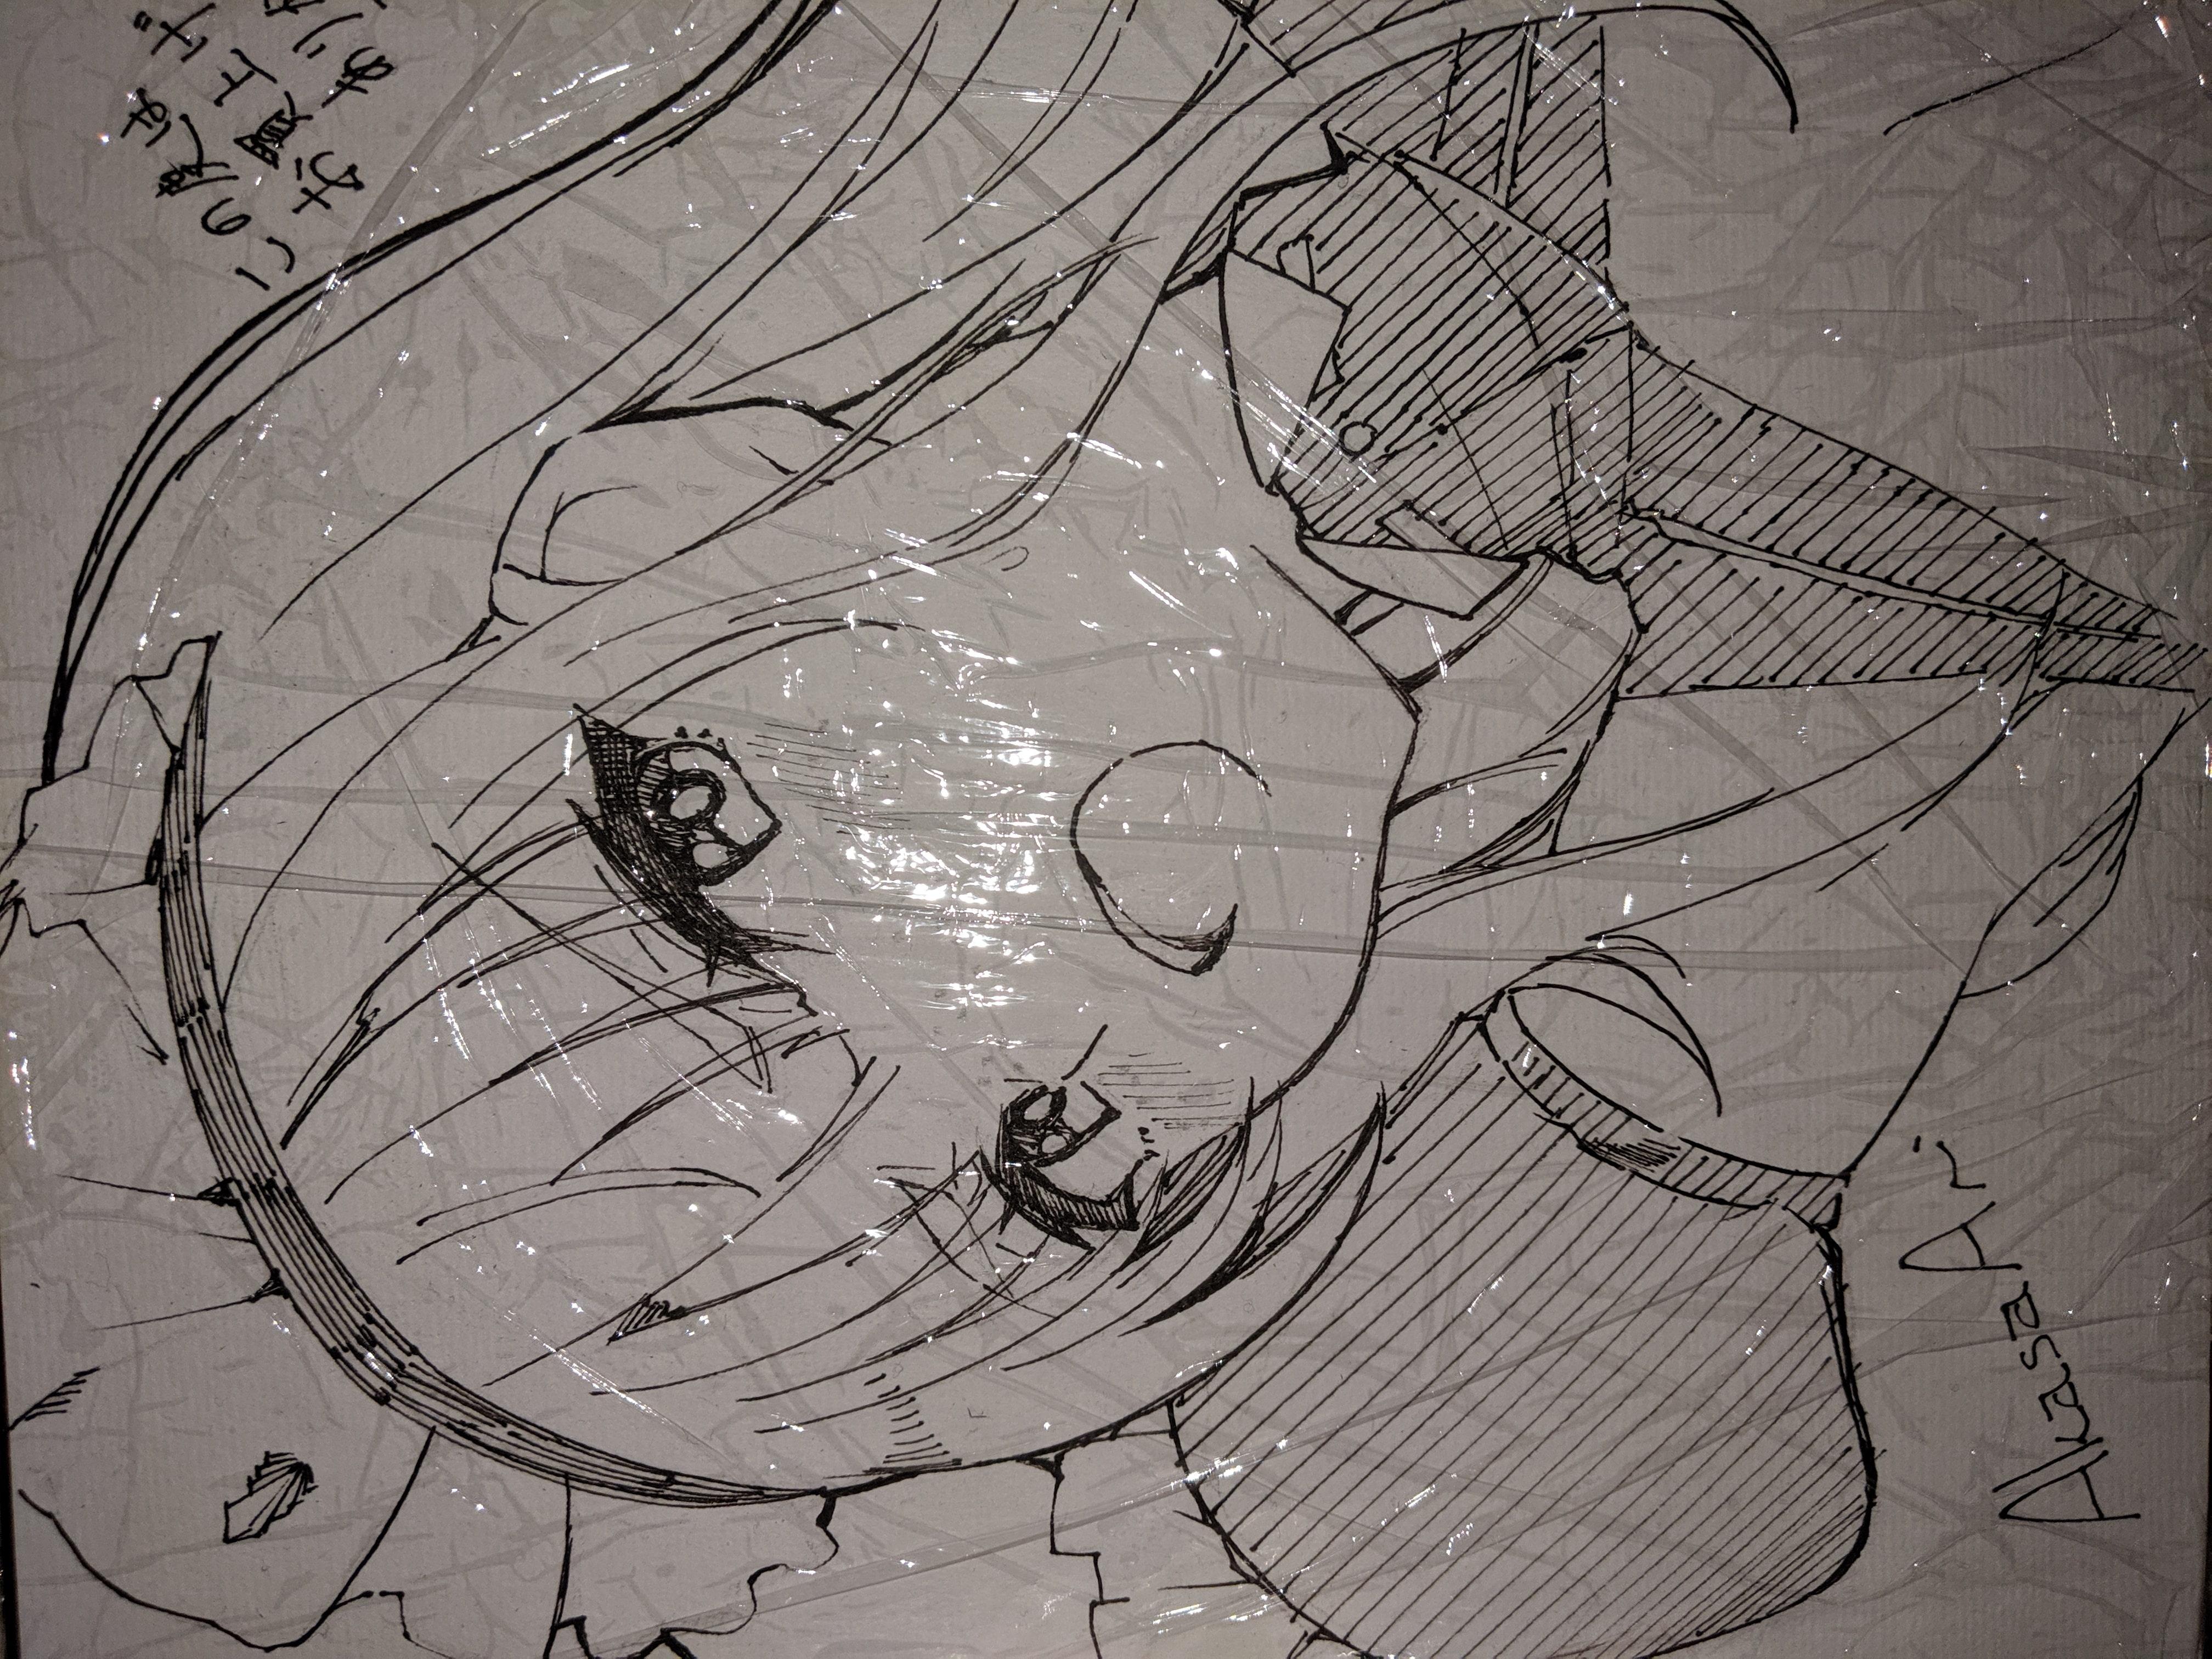 イヤイヤシリーズ メイド編 ~敵意むき出しのメイド~ 【あかさあい先生色紙Re:Appleギフトコードキャンペーン開催】 [Re:Apple]